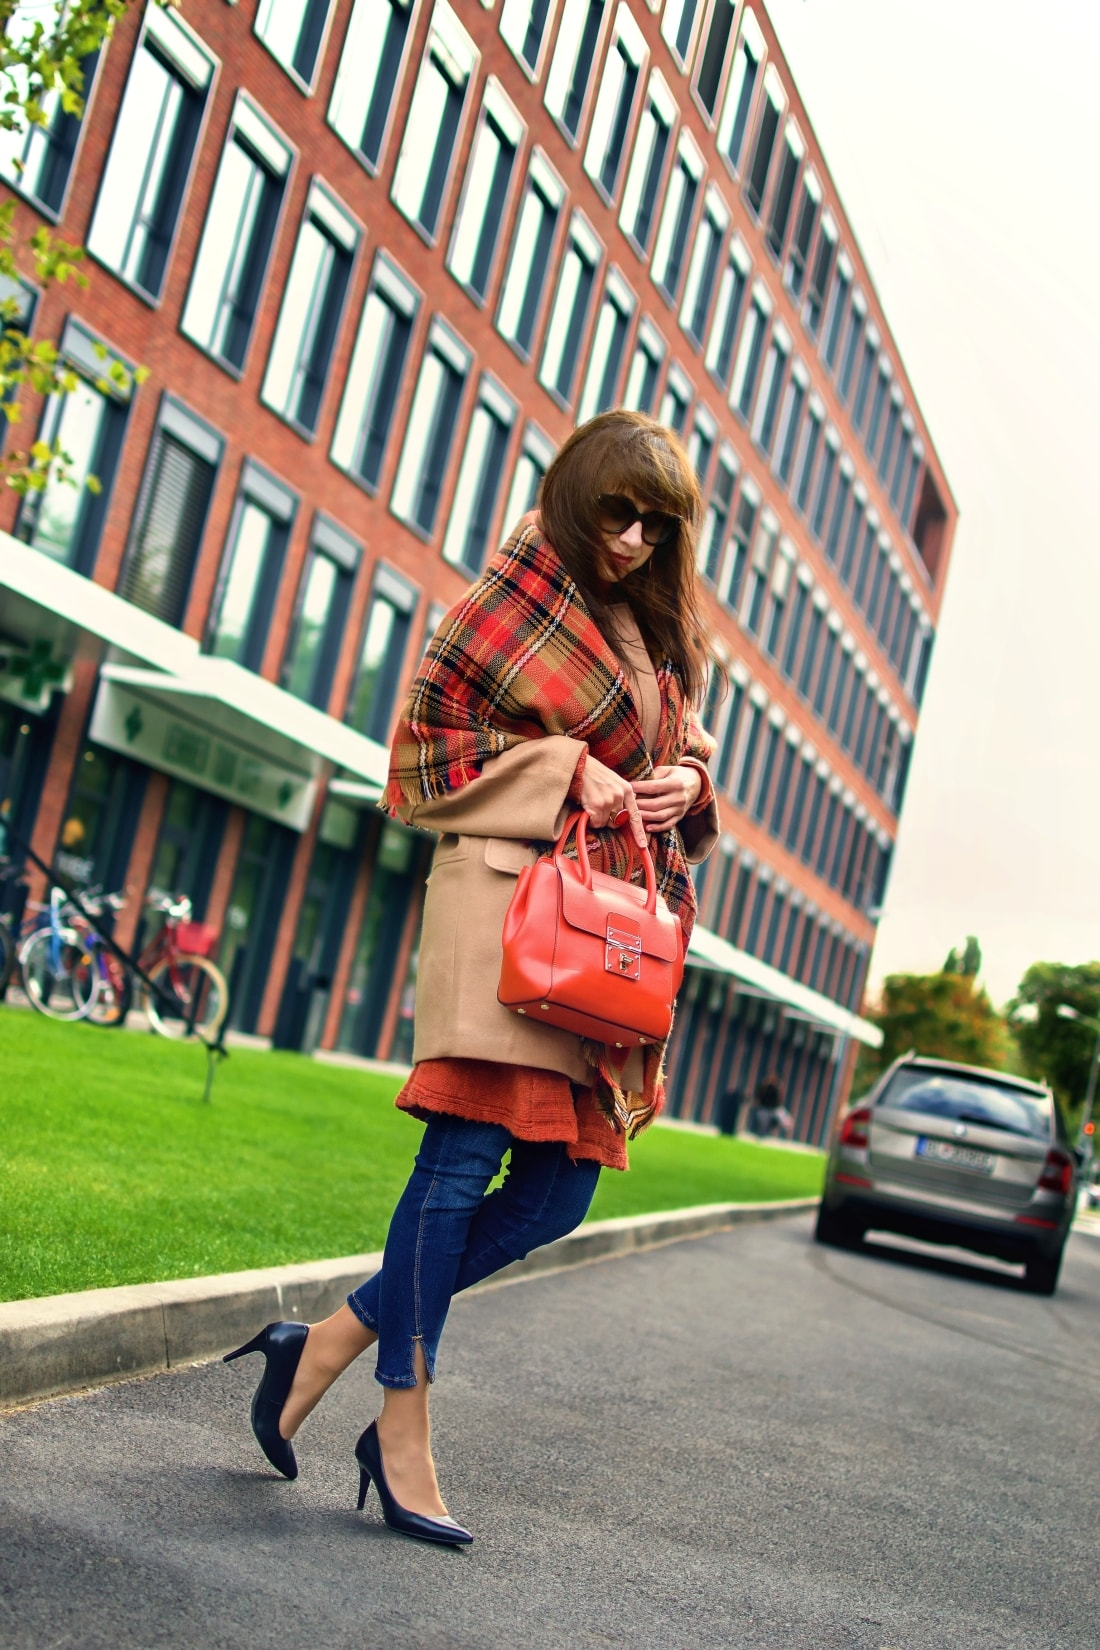 Outfit vecou nálady_Katharine-fashion is beautiful_ blog 1_Tartanový šál_Béžový kabát Mango_Oranžová kabelka Nucelle_Katarína Jakubčová_Fashion blogger